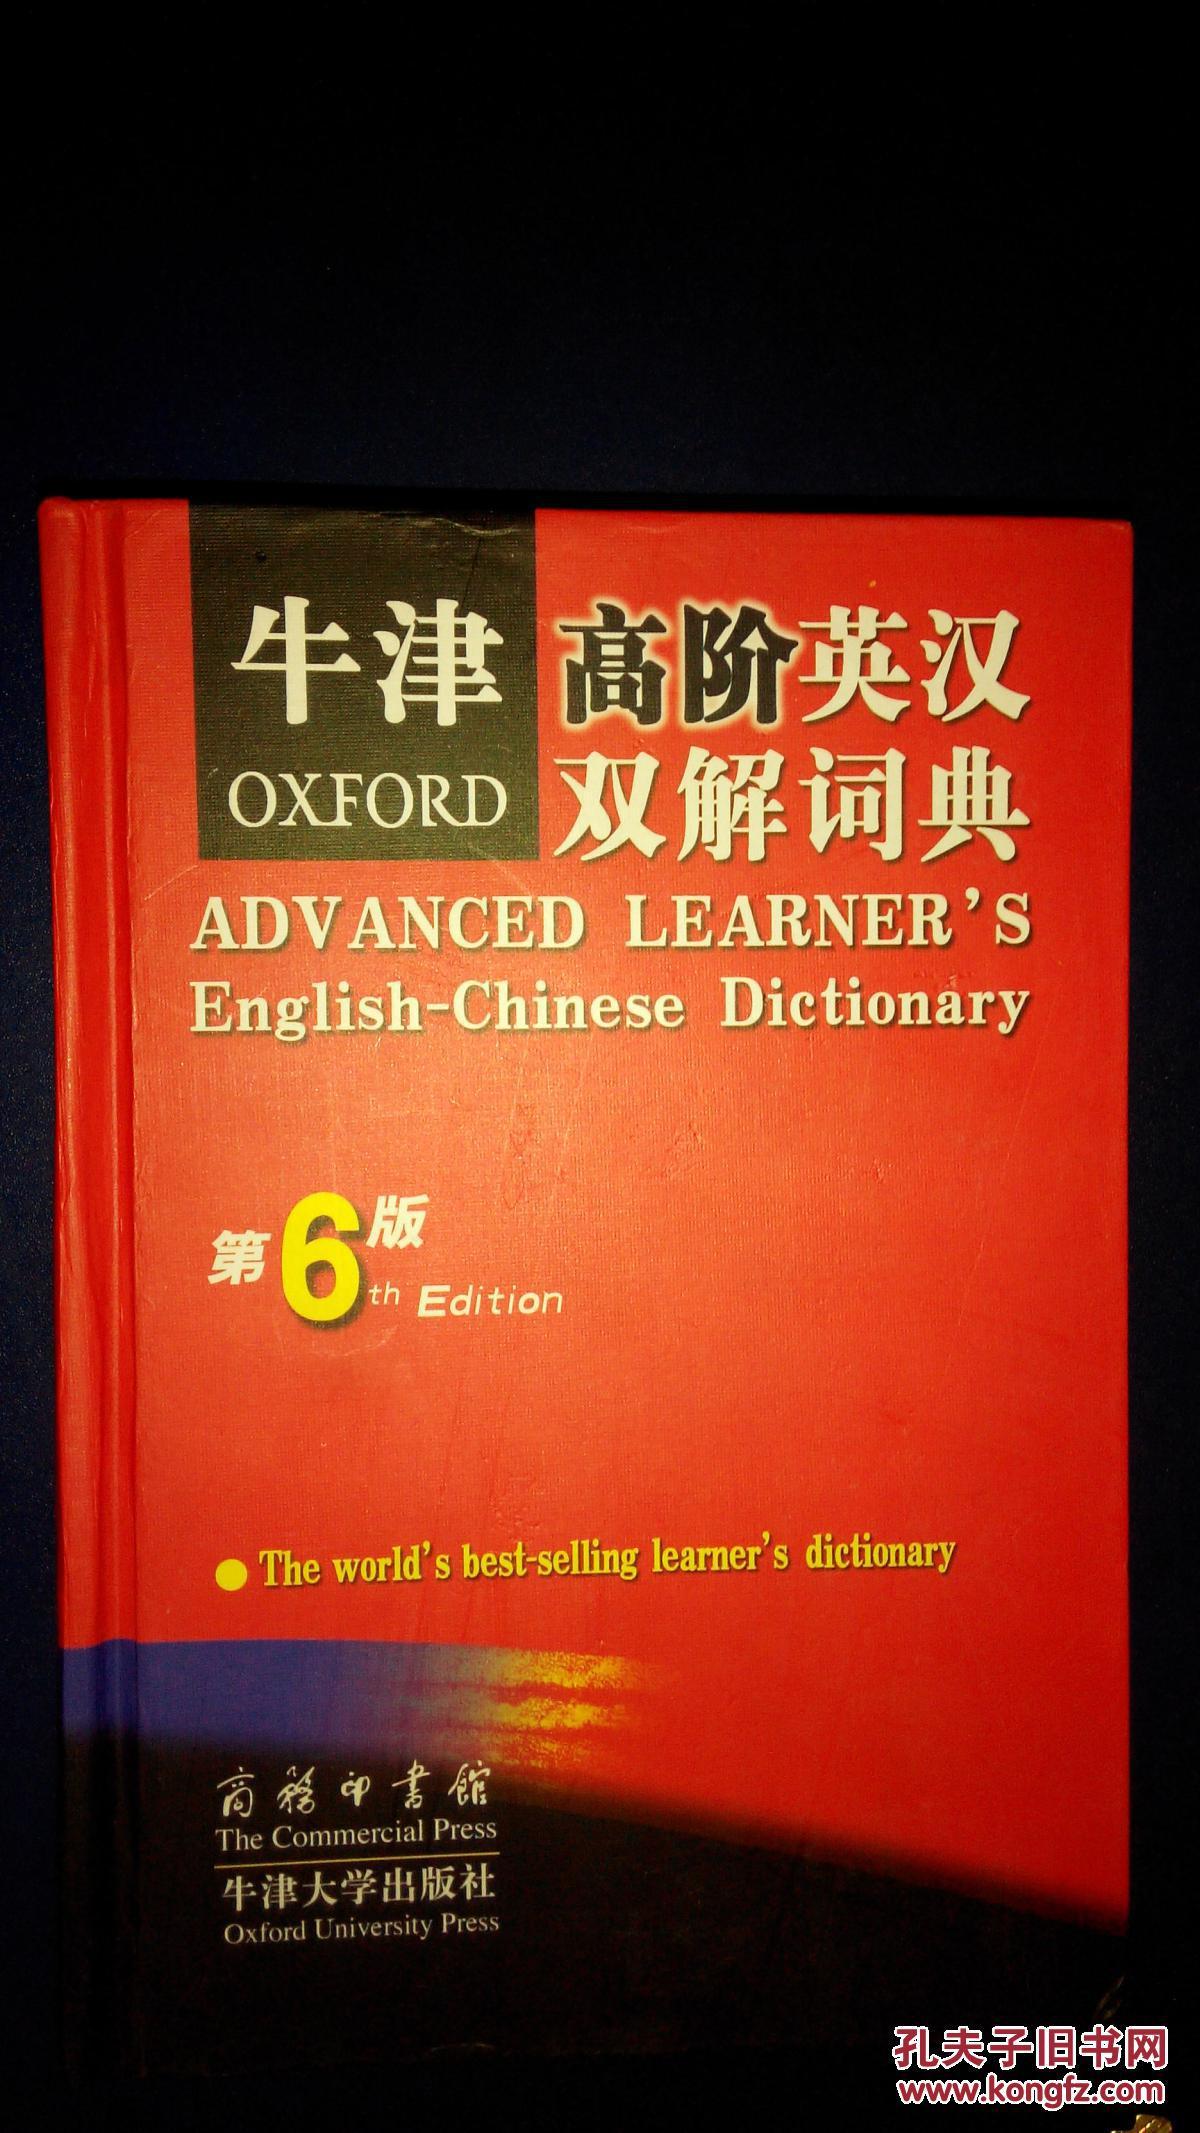 牛津高阶英汉�:)��(�X[_牛津高阶英汉双解词典(硬精装第6版)